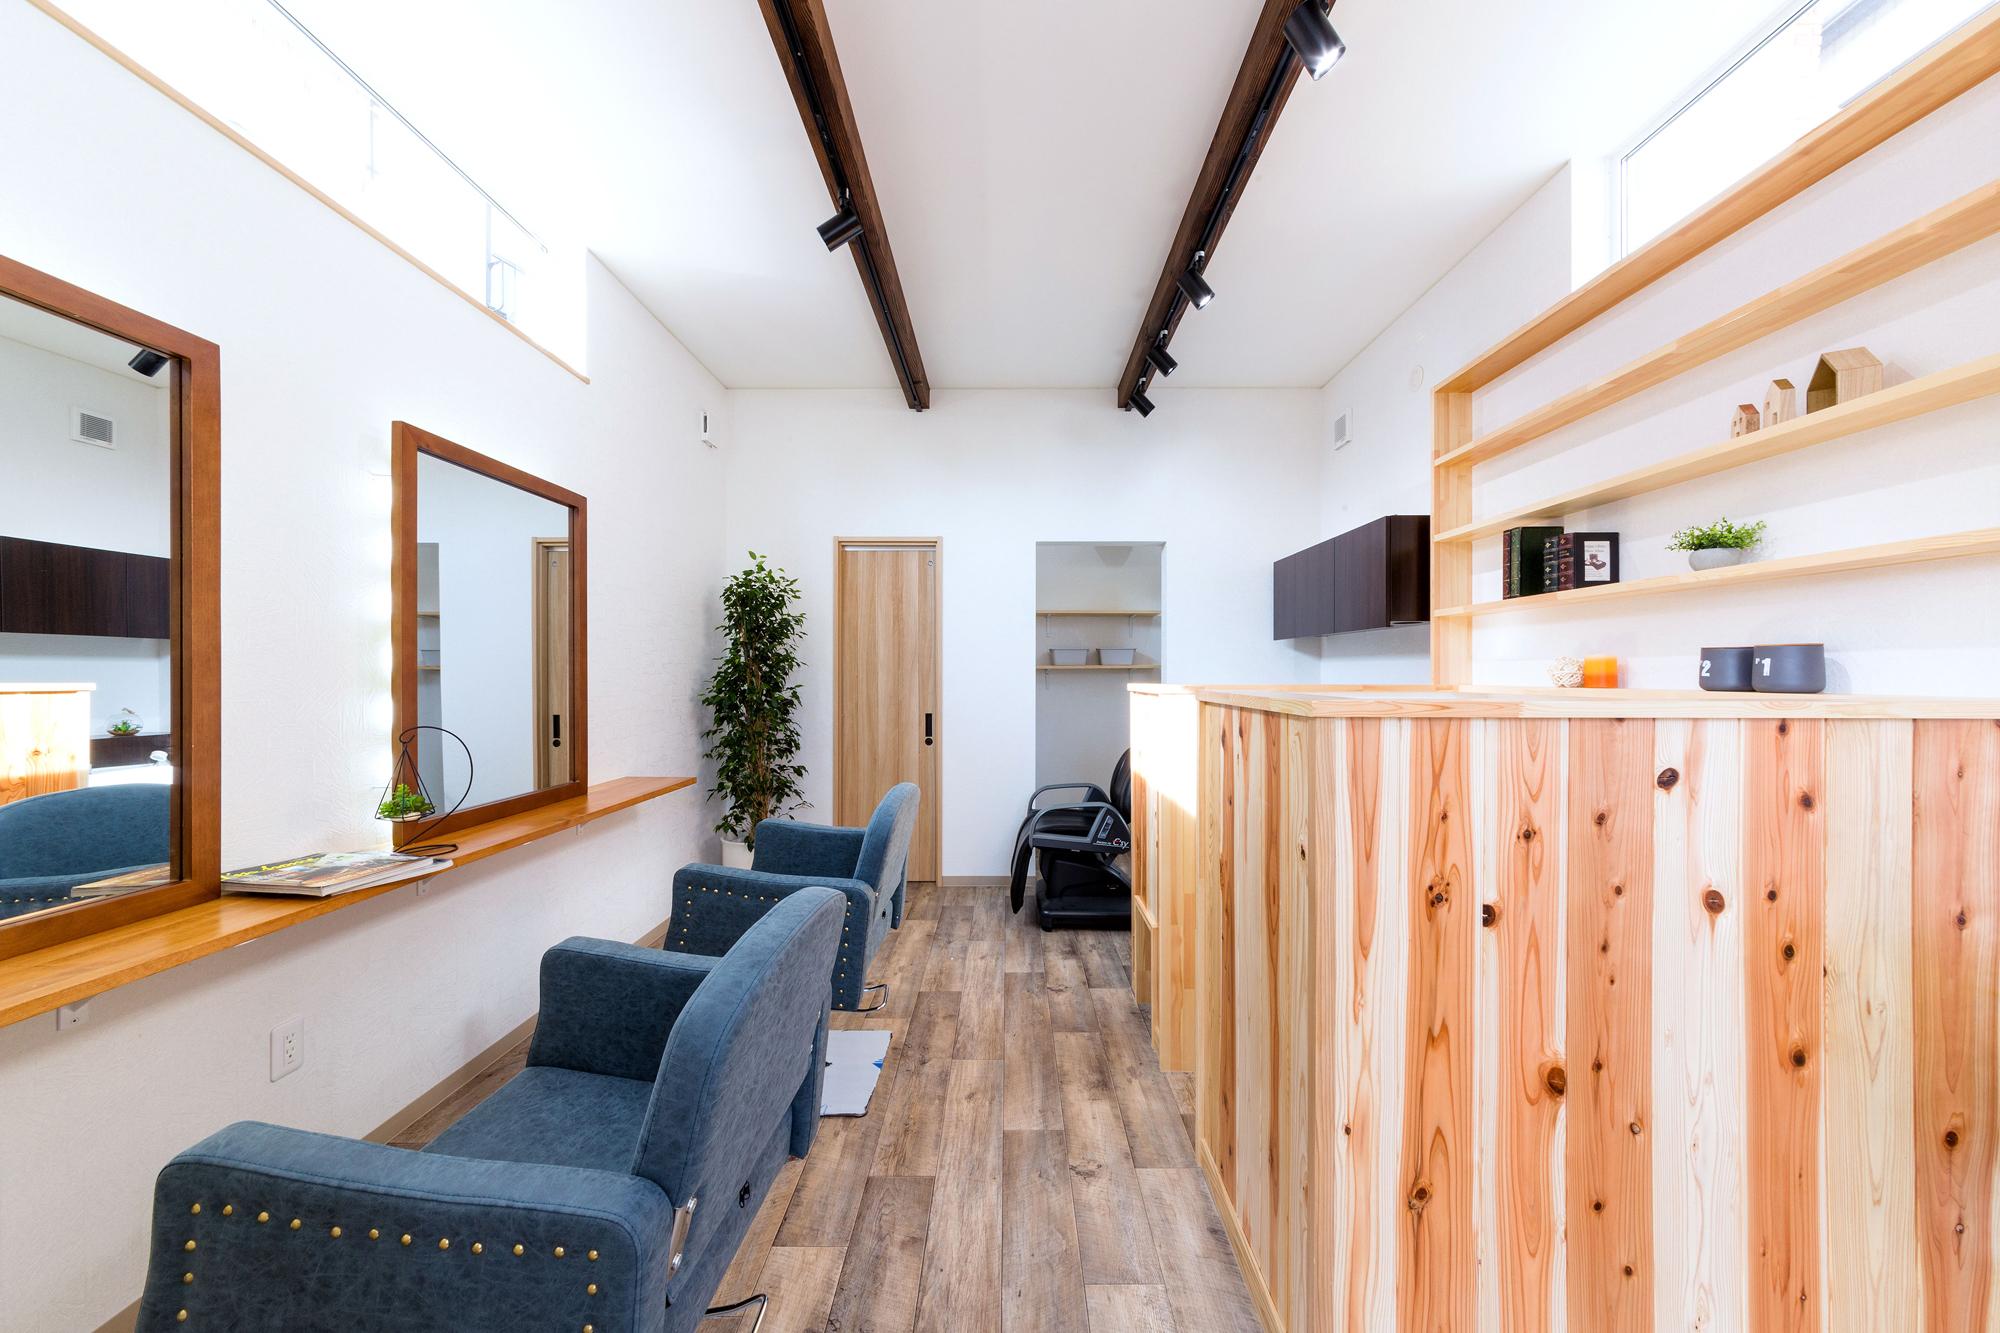 ウッデイなこころ休まる美容室空間。